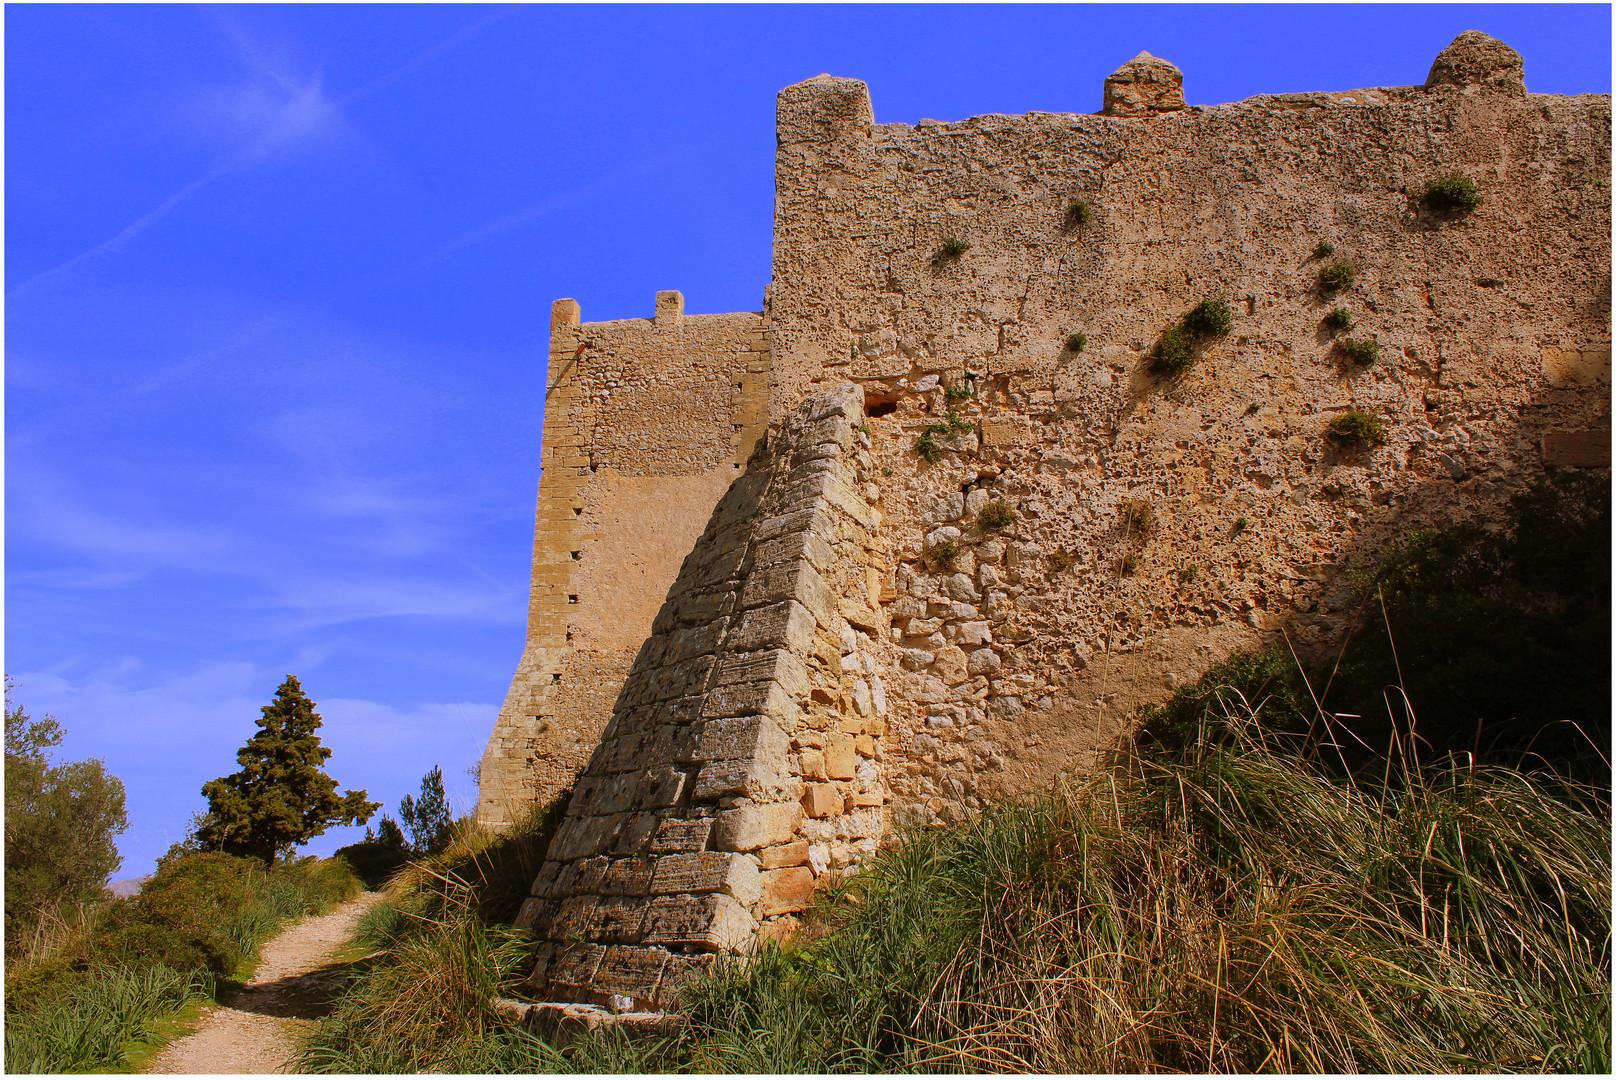 Auf dem Puig de Santa Maria bei Pollensa